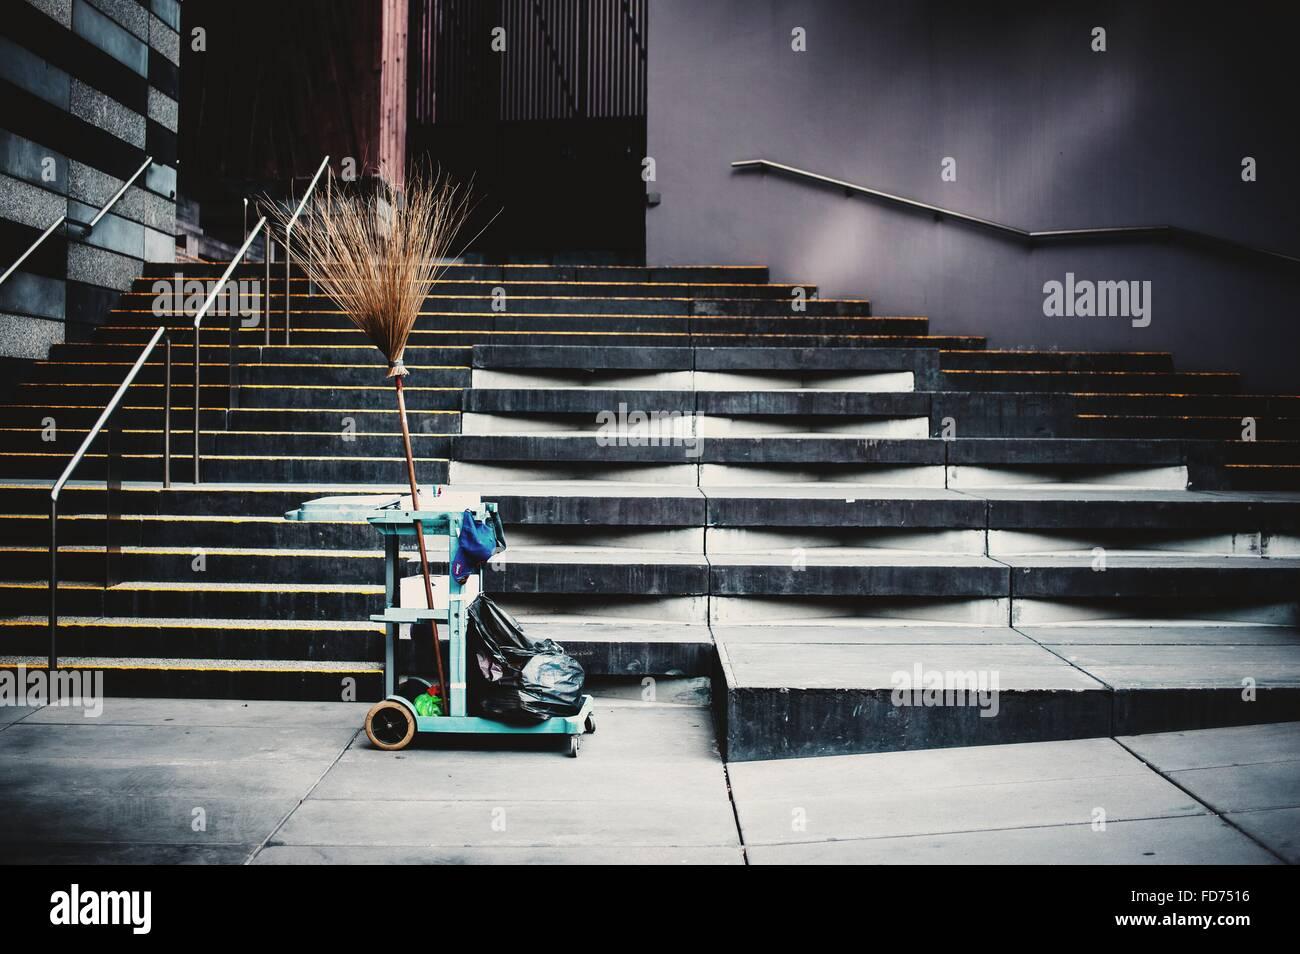 Panier de nettoyage On Sidewalk Photo Stock